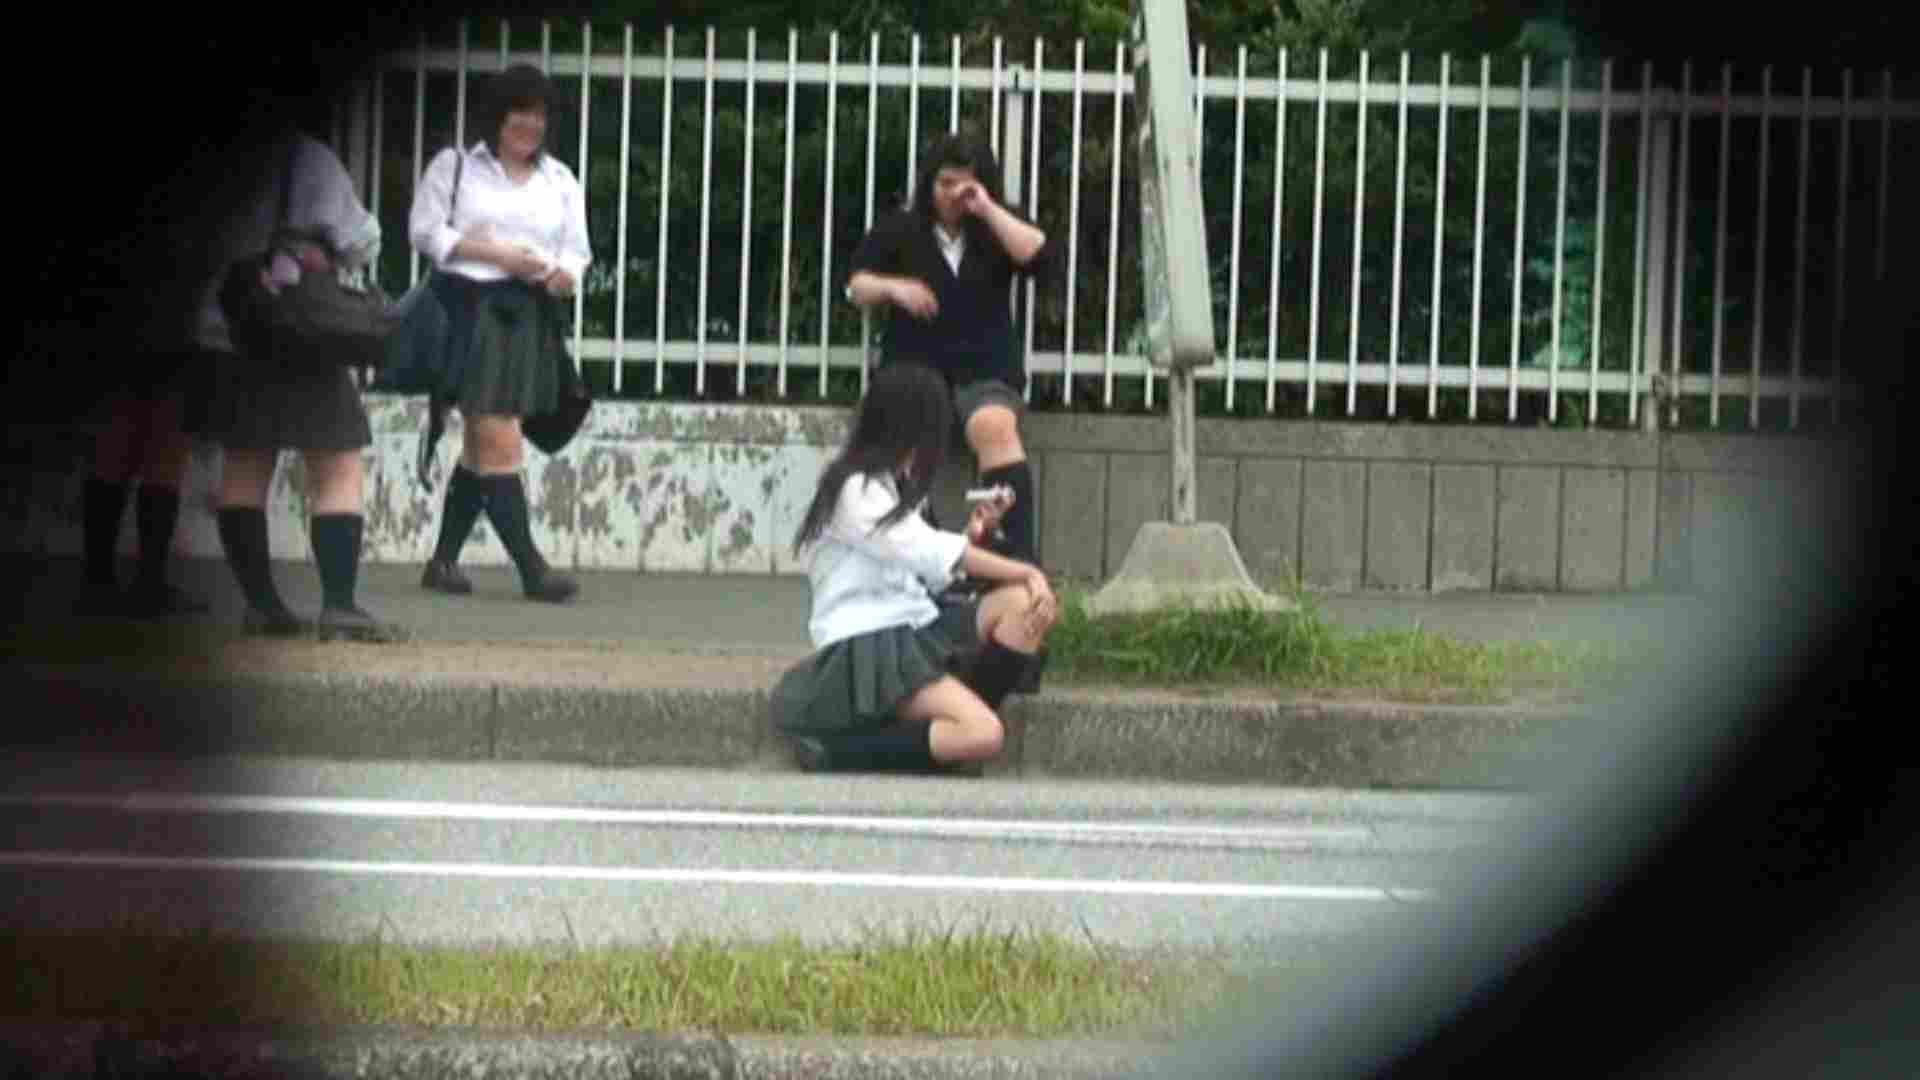 望遠パンチラNo4 学校潜伏 覗きスケベ動画紹介 84pic 3